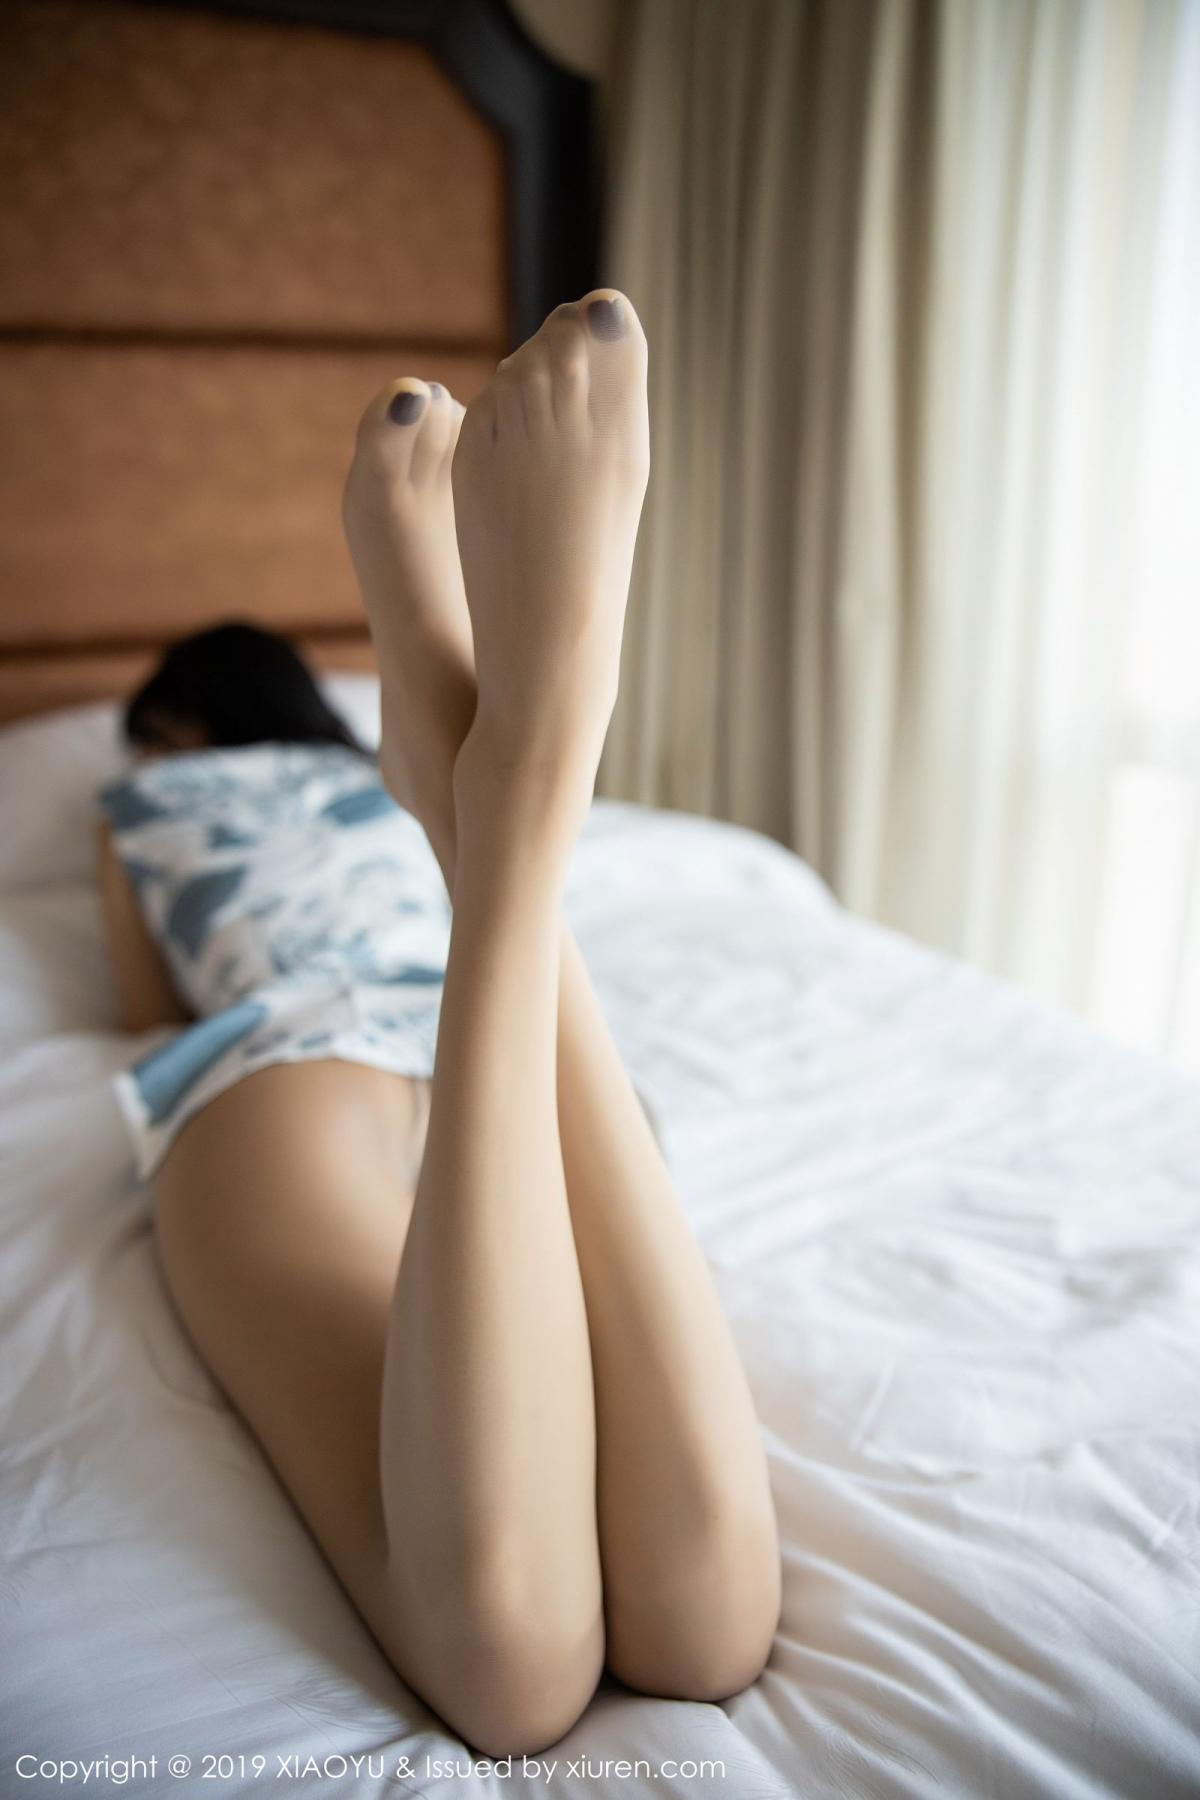 [XiaoYu] Vol.200 Miko Jiang 73P, Miko Jiang, Slim, Tall, Underwear, XiaoYu